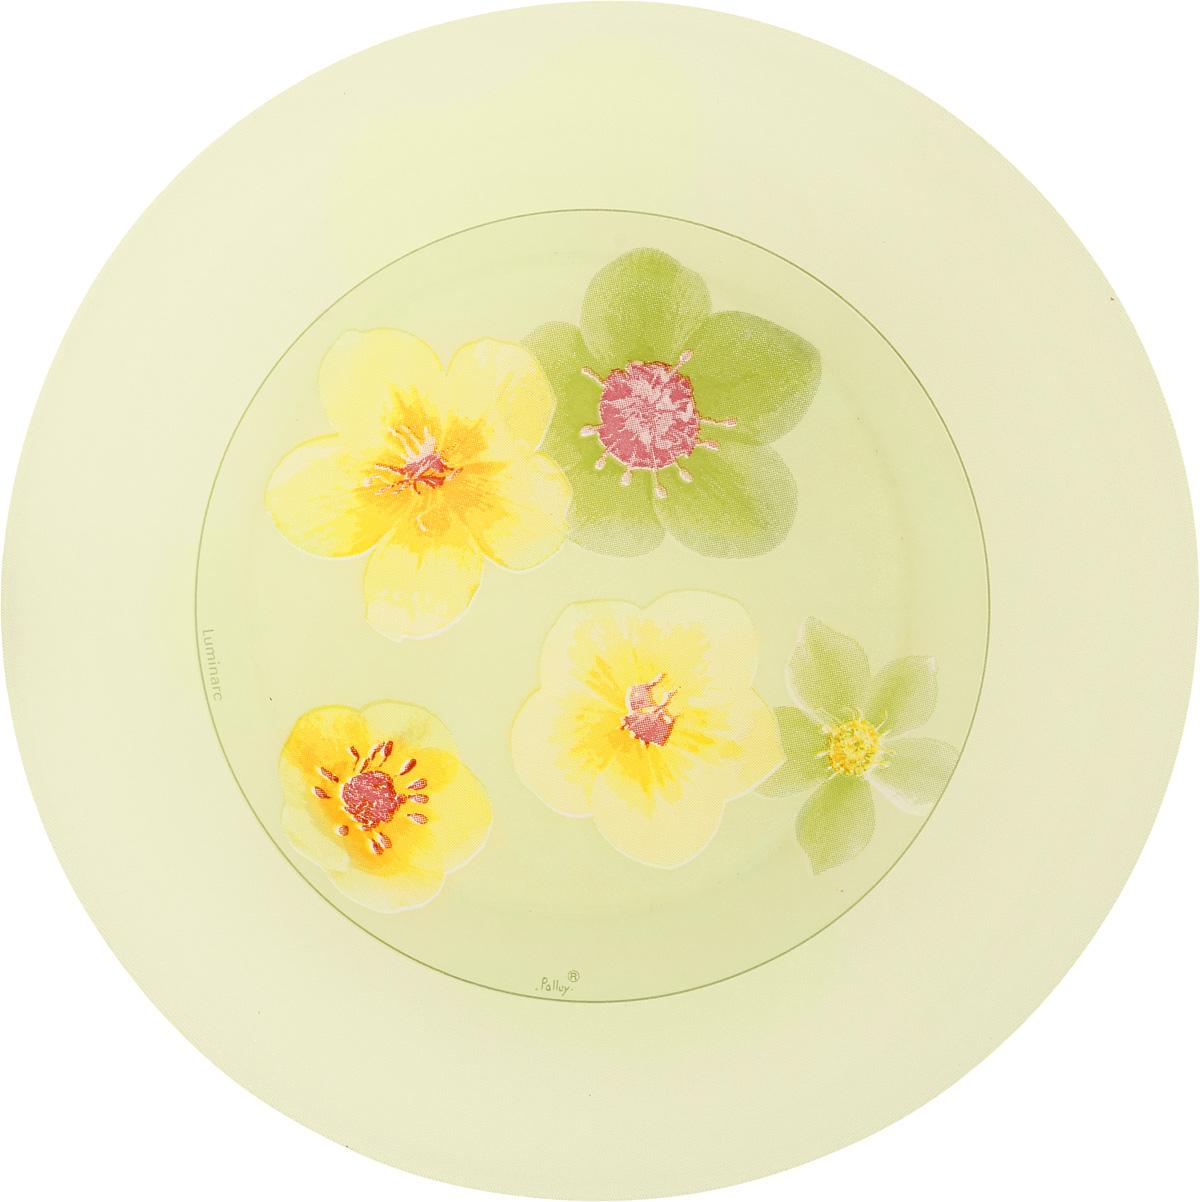 Тарелка десертная Luminarc Poeme Anis, диаметр 20 смJ0285Десертная тарелка Luminarc Poeme Anis, изготовленная из ударопрочного стекла, имеет изысканный внешний вид. Такая тарелка прекрасно подходит как для торжественных случаев, так и для повседневного использования. Идеальна для подачи десертов, пирожных, тортов и многого другого. Она прекрасно оформит стол и станет отличным дополнением к вашей коллекции кухонной посуды. Диаметр тарелки (по верхнему краю): 20 см.